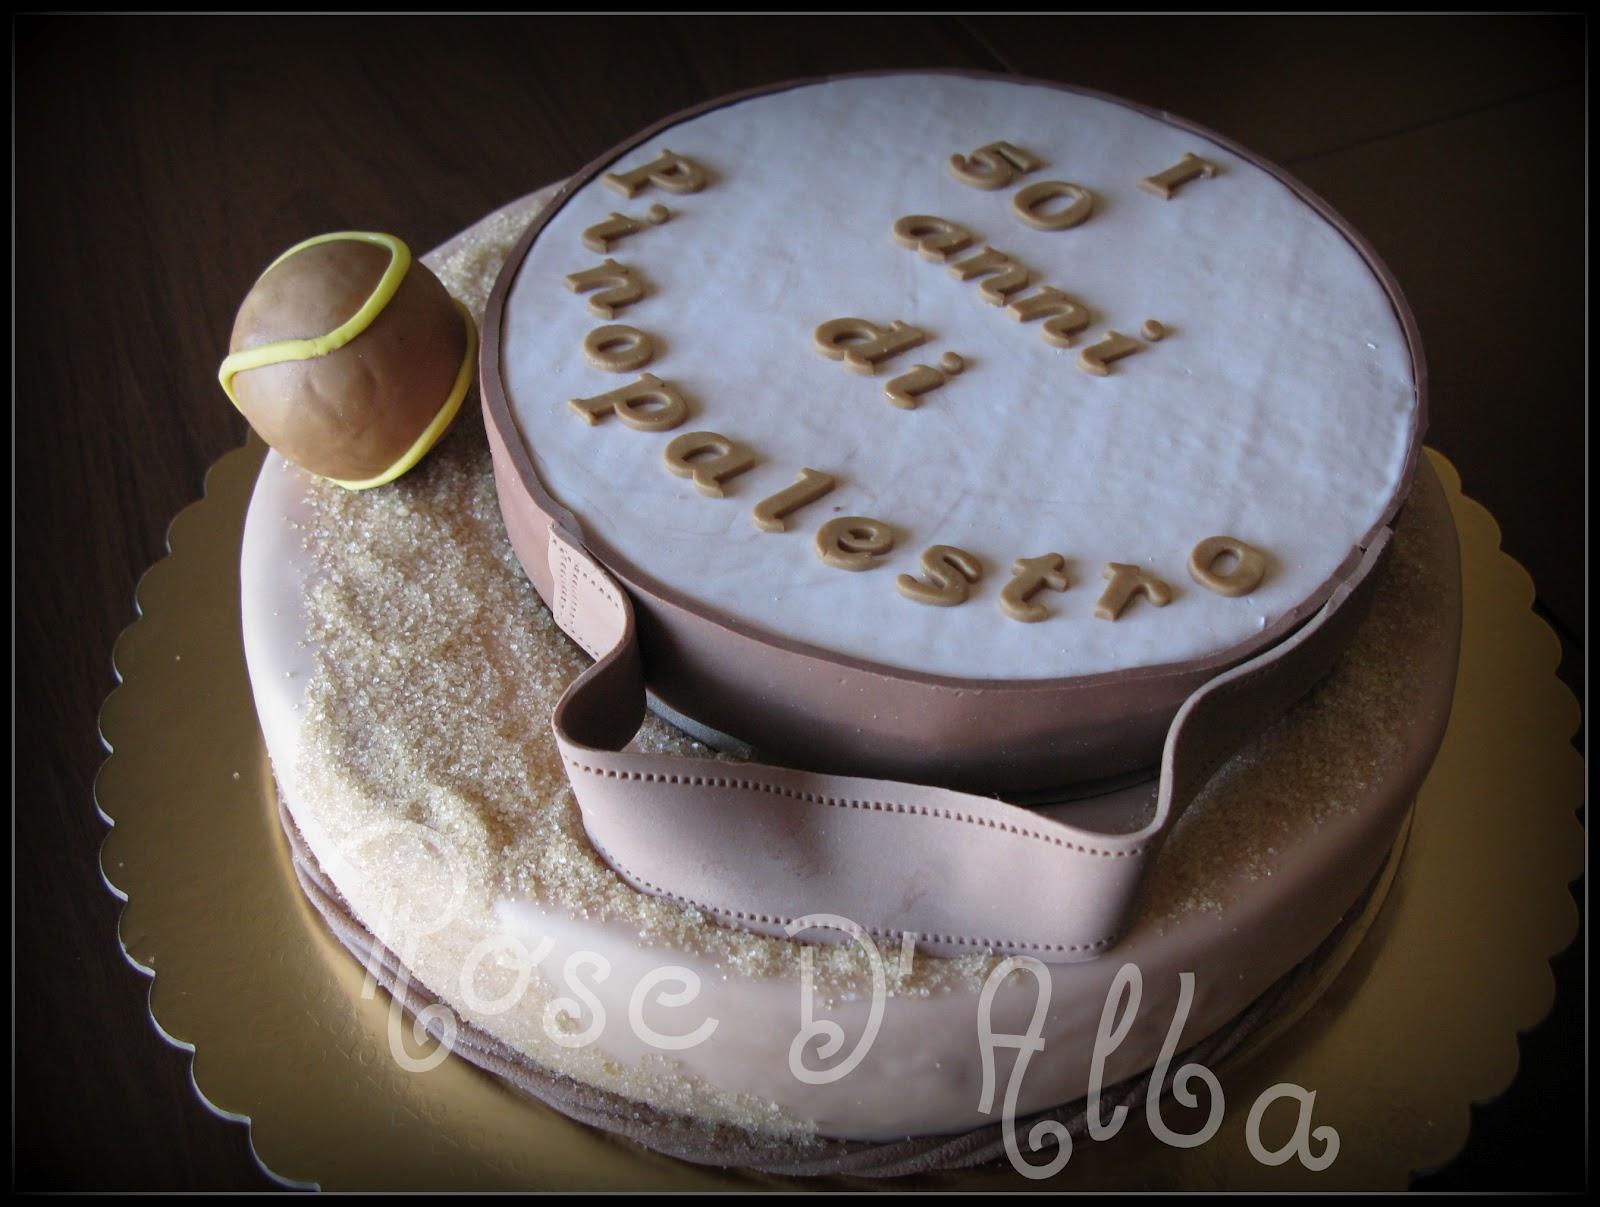 Bien-aimé ROSE D' ALBA cake designer: febbraio 2012 HA26